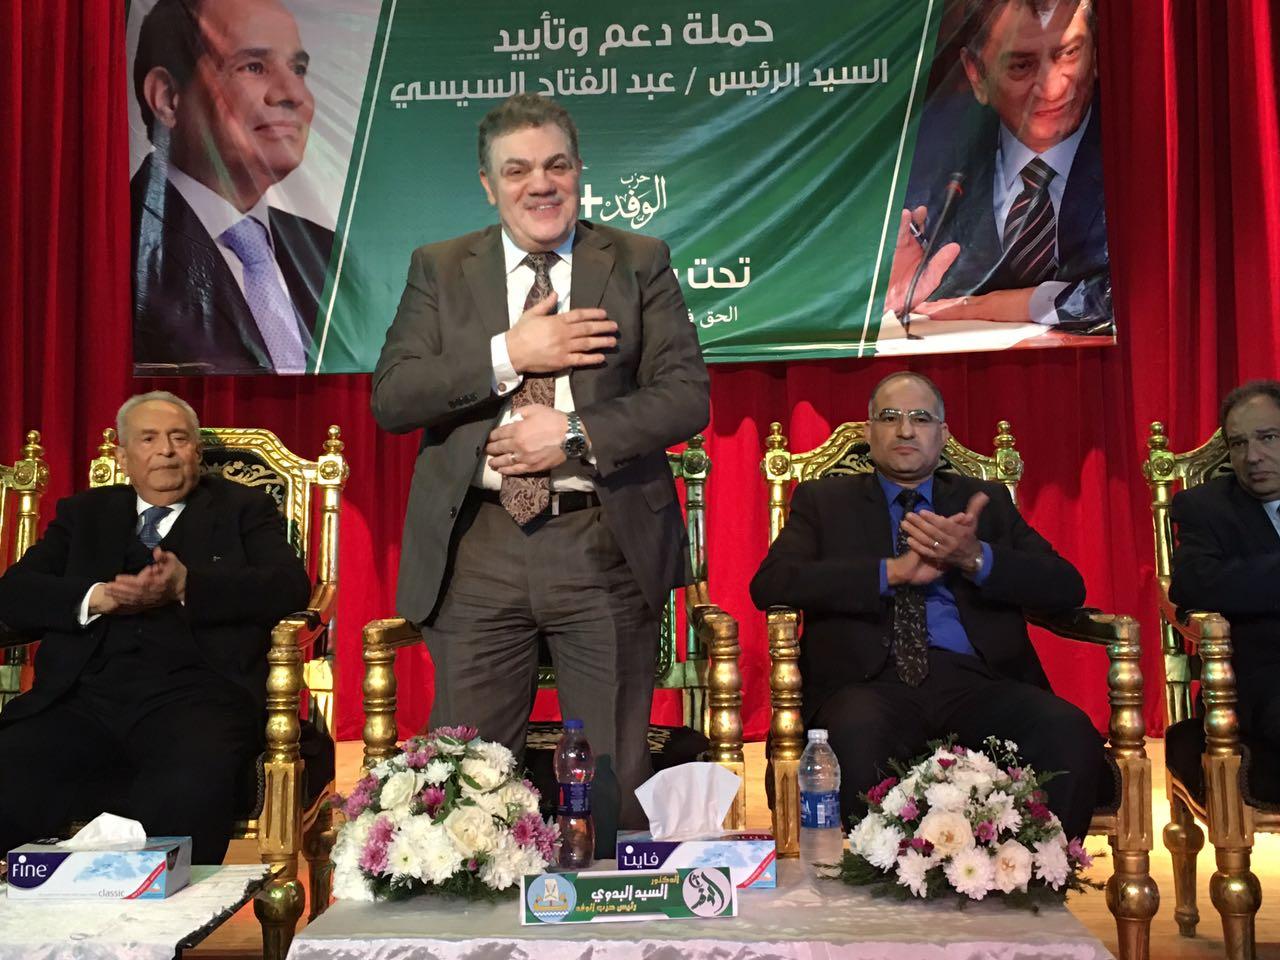 3- رئيس حزب الوفد يحيي الحضور ويدعوهم للمشاركة في الإنتخابات